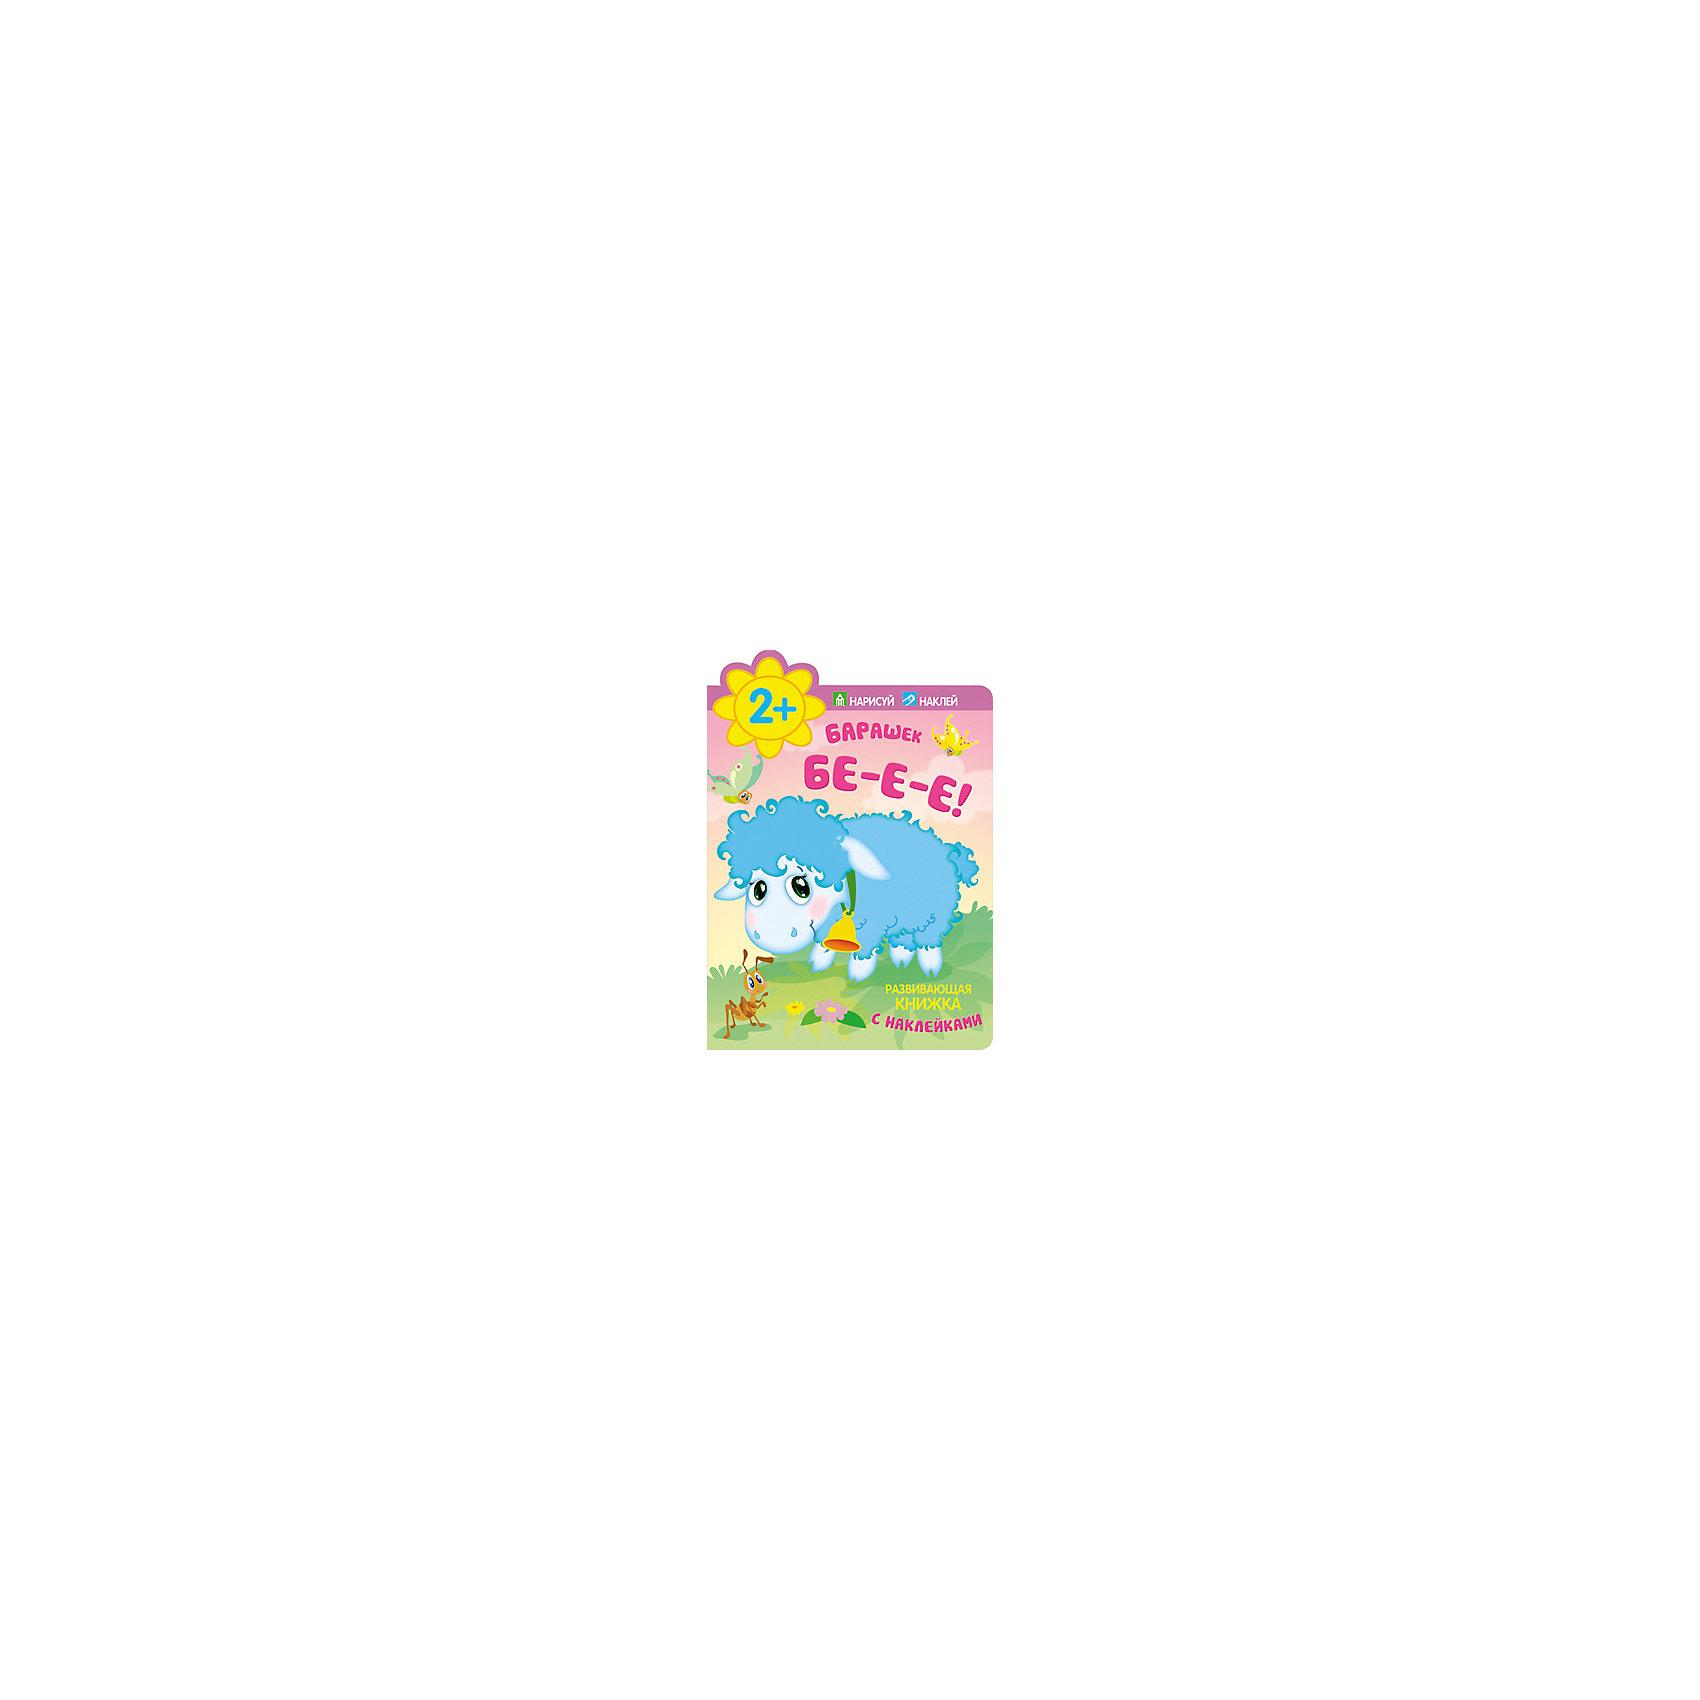 Развивающая книжка с наклейками Барашек: Бе-е-е!, 2+Книжки с наклейками<br>Развивающая книжка с наклейками «Барашек: Бе-е-е!», 2+<br><br>Характеристики:<br>• издательство: Мозаика-Синтез;<br>• размер: 28х0,2х20,5 см.;<br>• страницы: 14 шт., мелованные;<br>• тип обложки: мягкая;<br>• иллюстрации: цветные;<br>• ISBN: 9785431501692;<br>• вес: 71 г.;<br>• для детей в возрасте: от 2-х лет;<br>• страна производитель: Россия.<br>Развивающая книжка с наклейками из серии «Нарисуй, наклей» предназначена для детей от двух лет. С её помощью ребёнок сможет изучать виды животных, показывать части тела, называть цвета. Вместе с весёлым барашком малыш будет разглядывать новых животных и рассказывать о них. Работа с наклейками сделает процесс обучения более интересным и весёлым. Все наклейки качественно выполнены и не повторяются. Занимаясь с книжкой дети смогут развивать мелкую моторику рук, чувство цвета, творческие способности, логику. Выполняя задания дети развивают память, словарный запас, учатся правильно формировать и строить предложения. <br>Развивающую книжку с наклейками «Барашек: Бе-е-е!», 2+ можно купить в нашем интернет-магазине.<br><br>Ширина мм: 20<br>Глубина мм: 205<br>Высота мм: 287<br>Вес г: 71<br>Возраст от месяцев: 24<br>Возраст до месяцев: 48<br>Пол: Унисекс<br>Возраст: Детский<br>SKU: 5562610